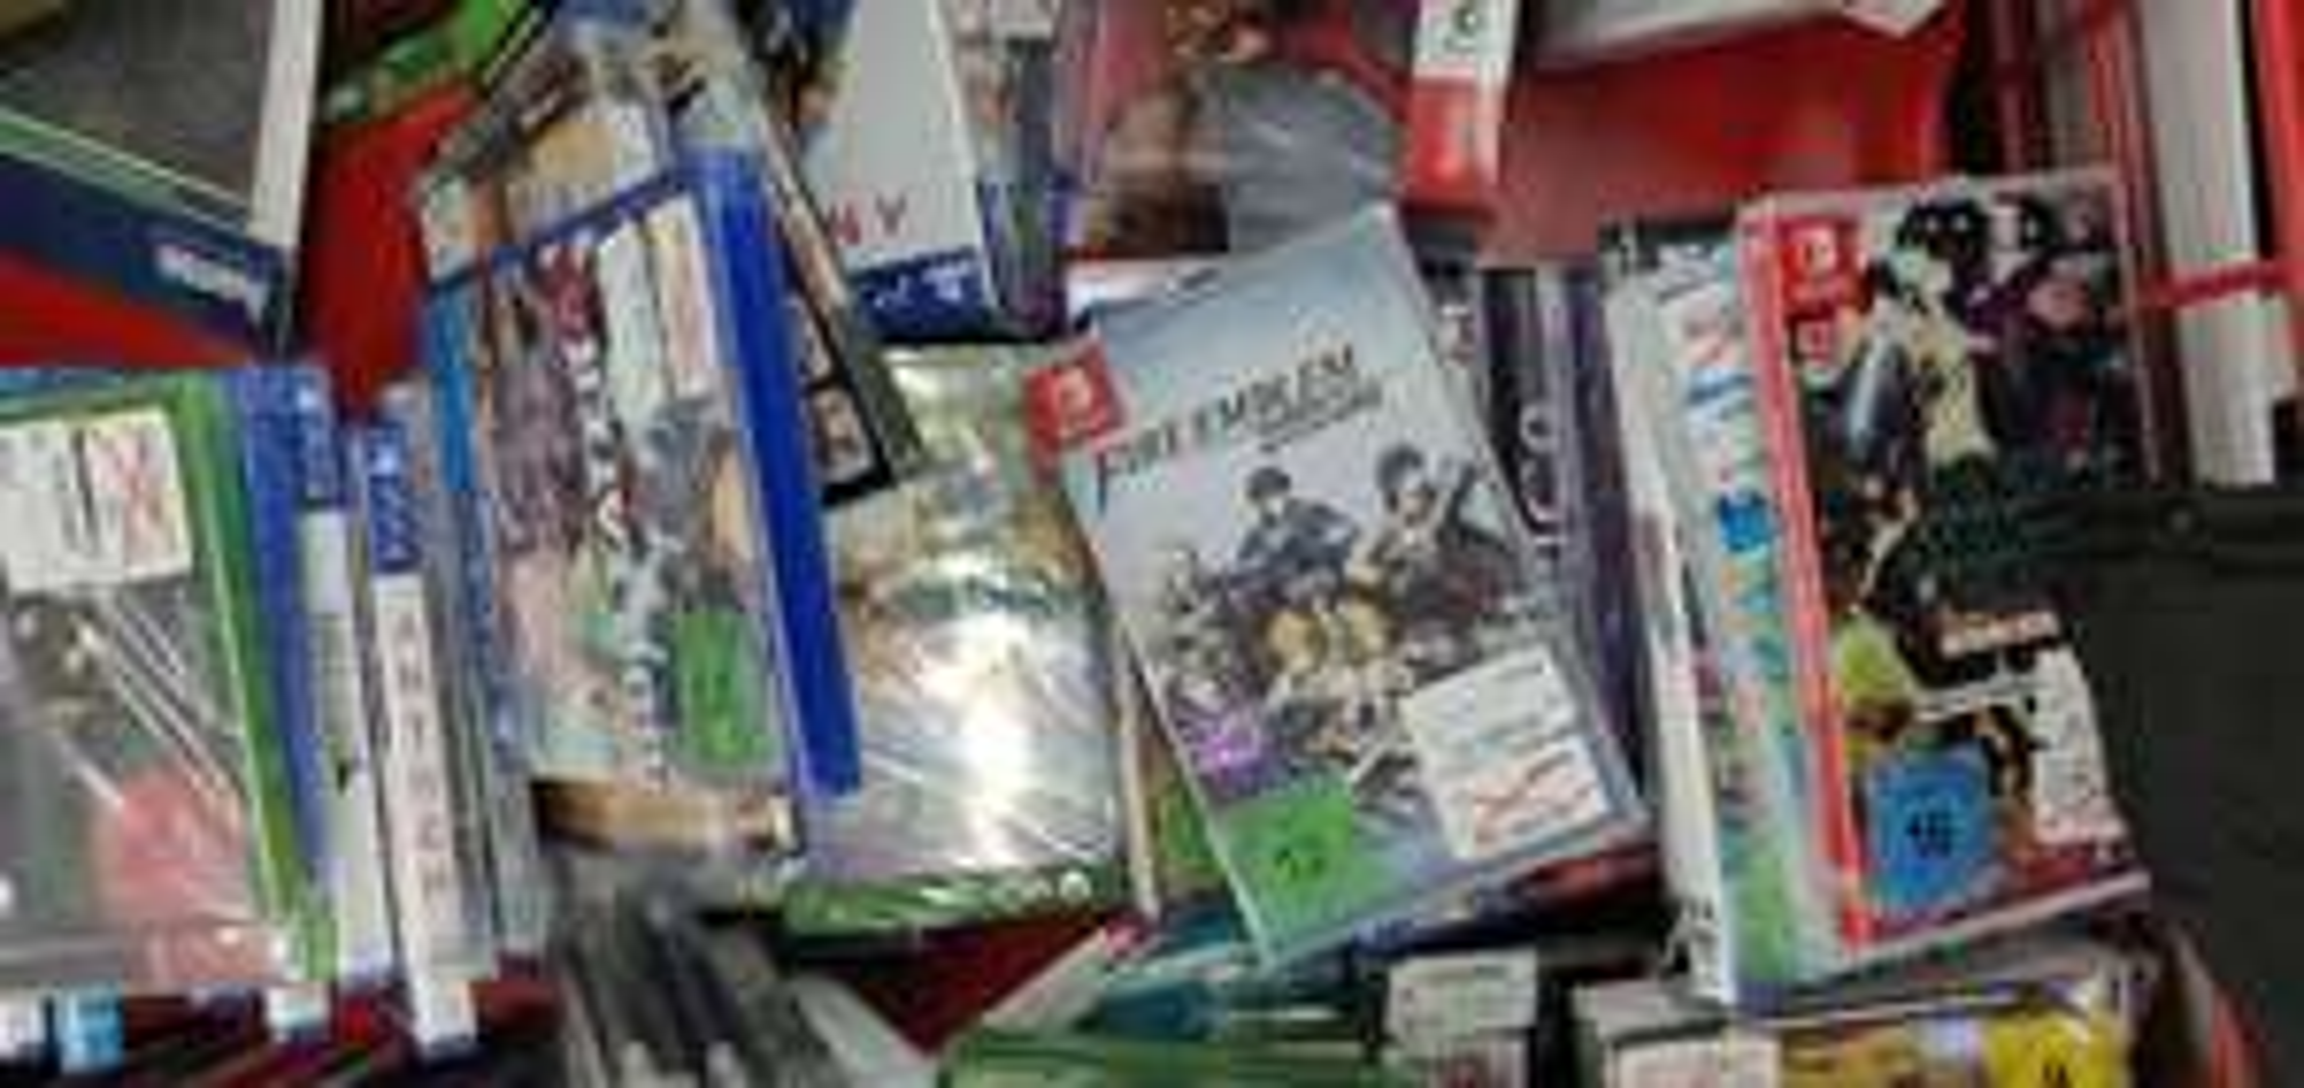 [Lokal Schweinfurt] Media Markt div. Spiele (Travis strikes Again, Fire Emblem Warrior, spyro + Crash,..)